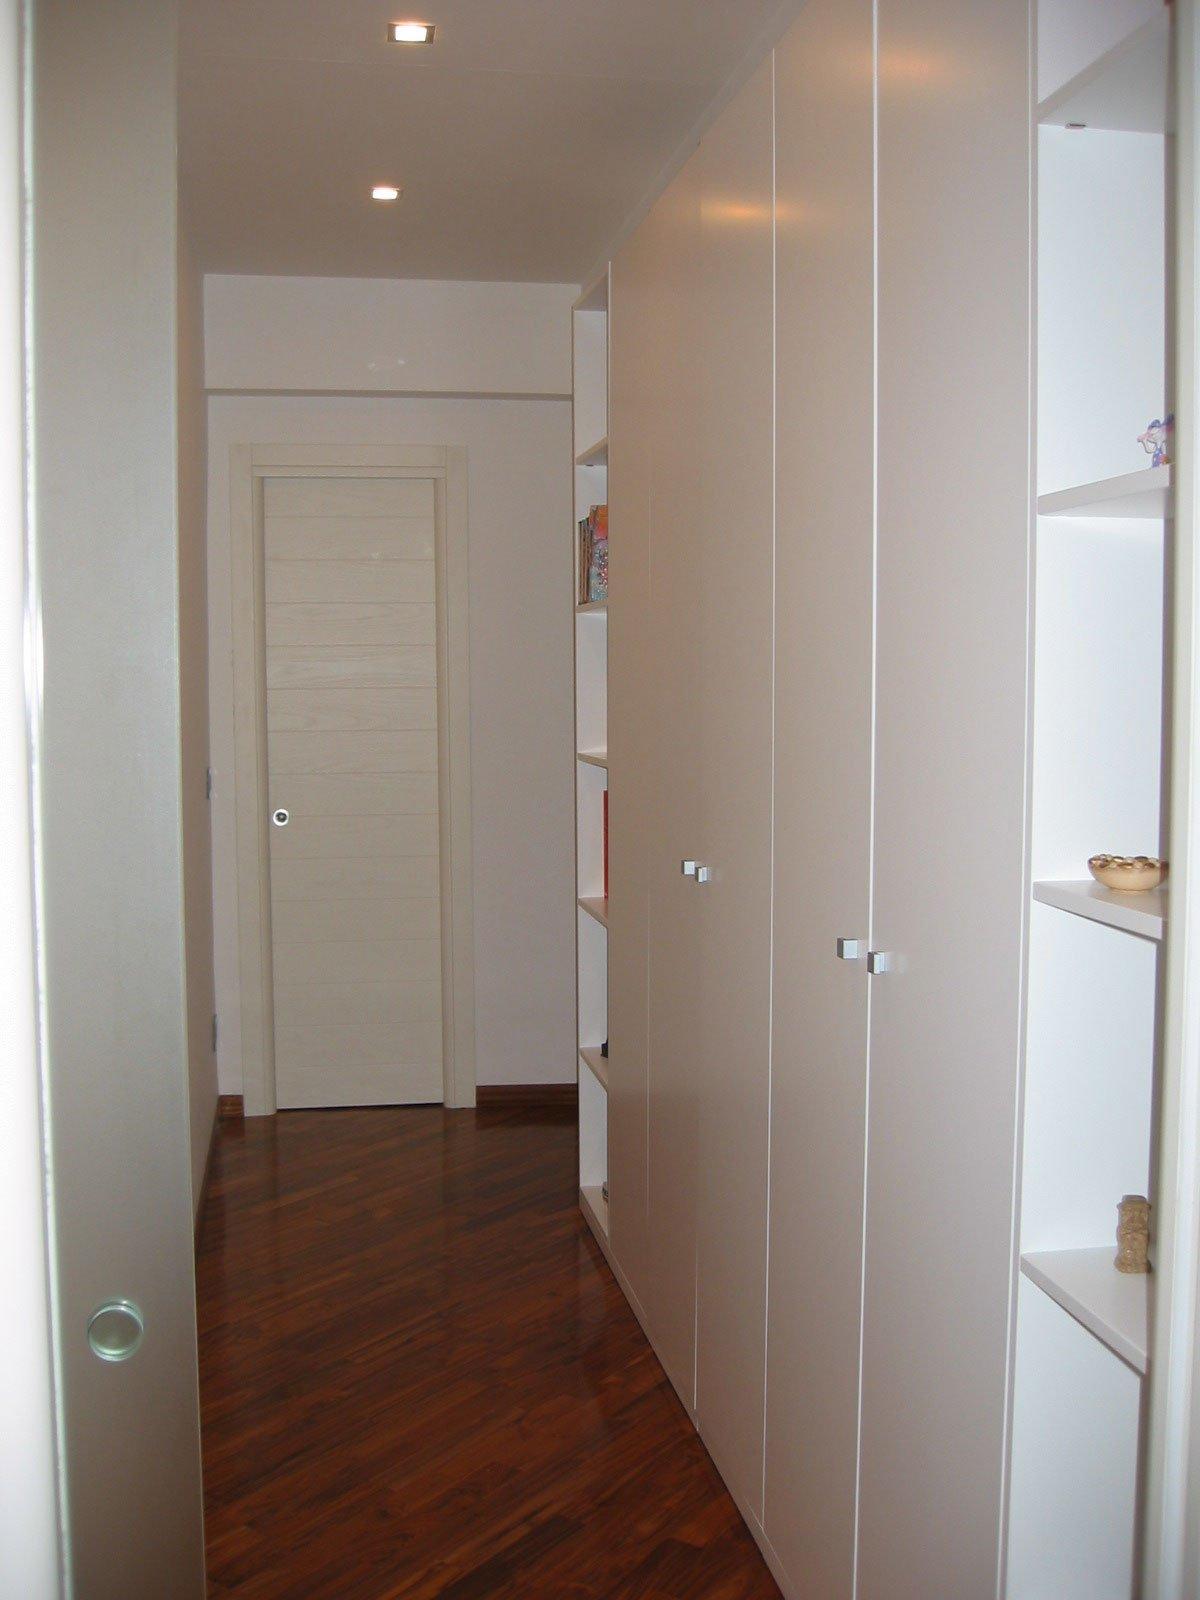 Mobile libreria in legno su misura per corridoio napoli - Mobile per corridoio ...